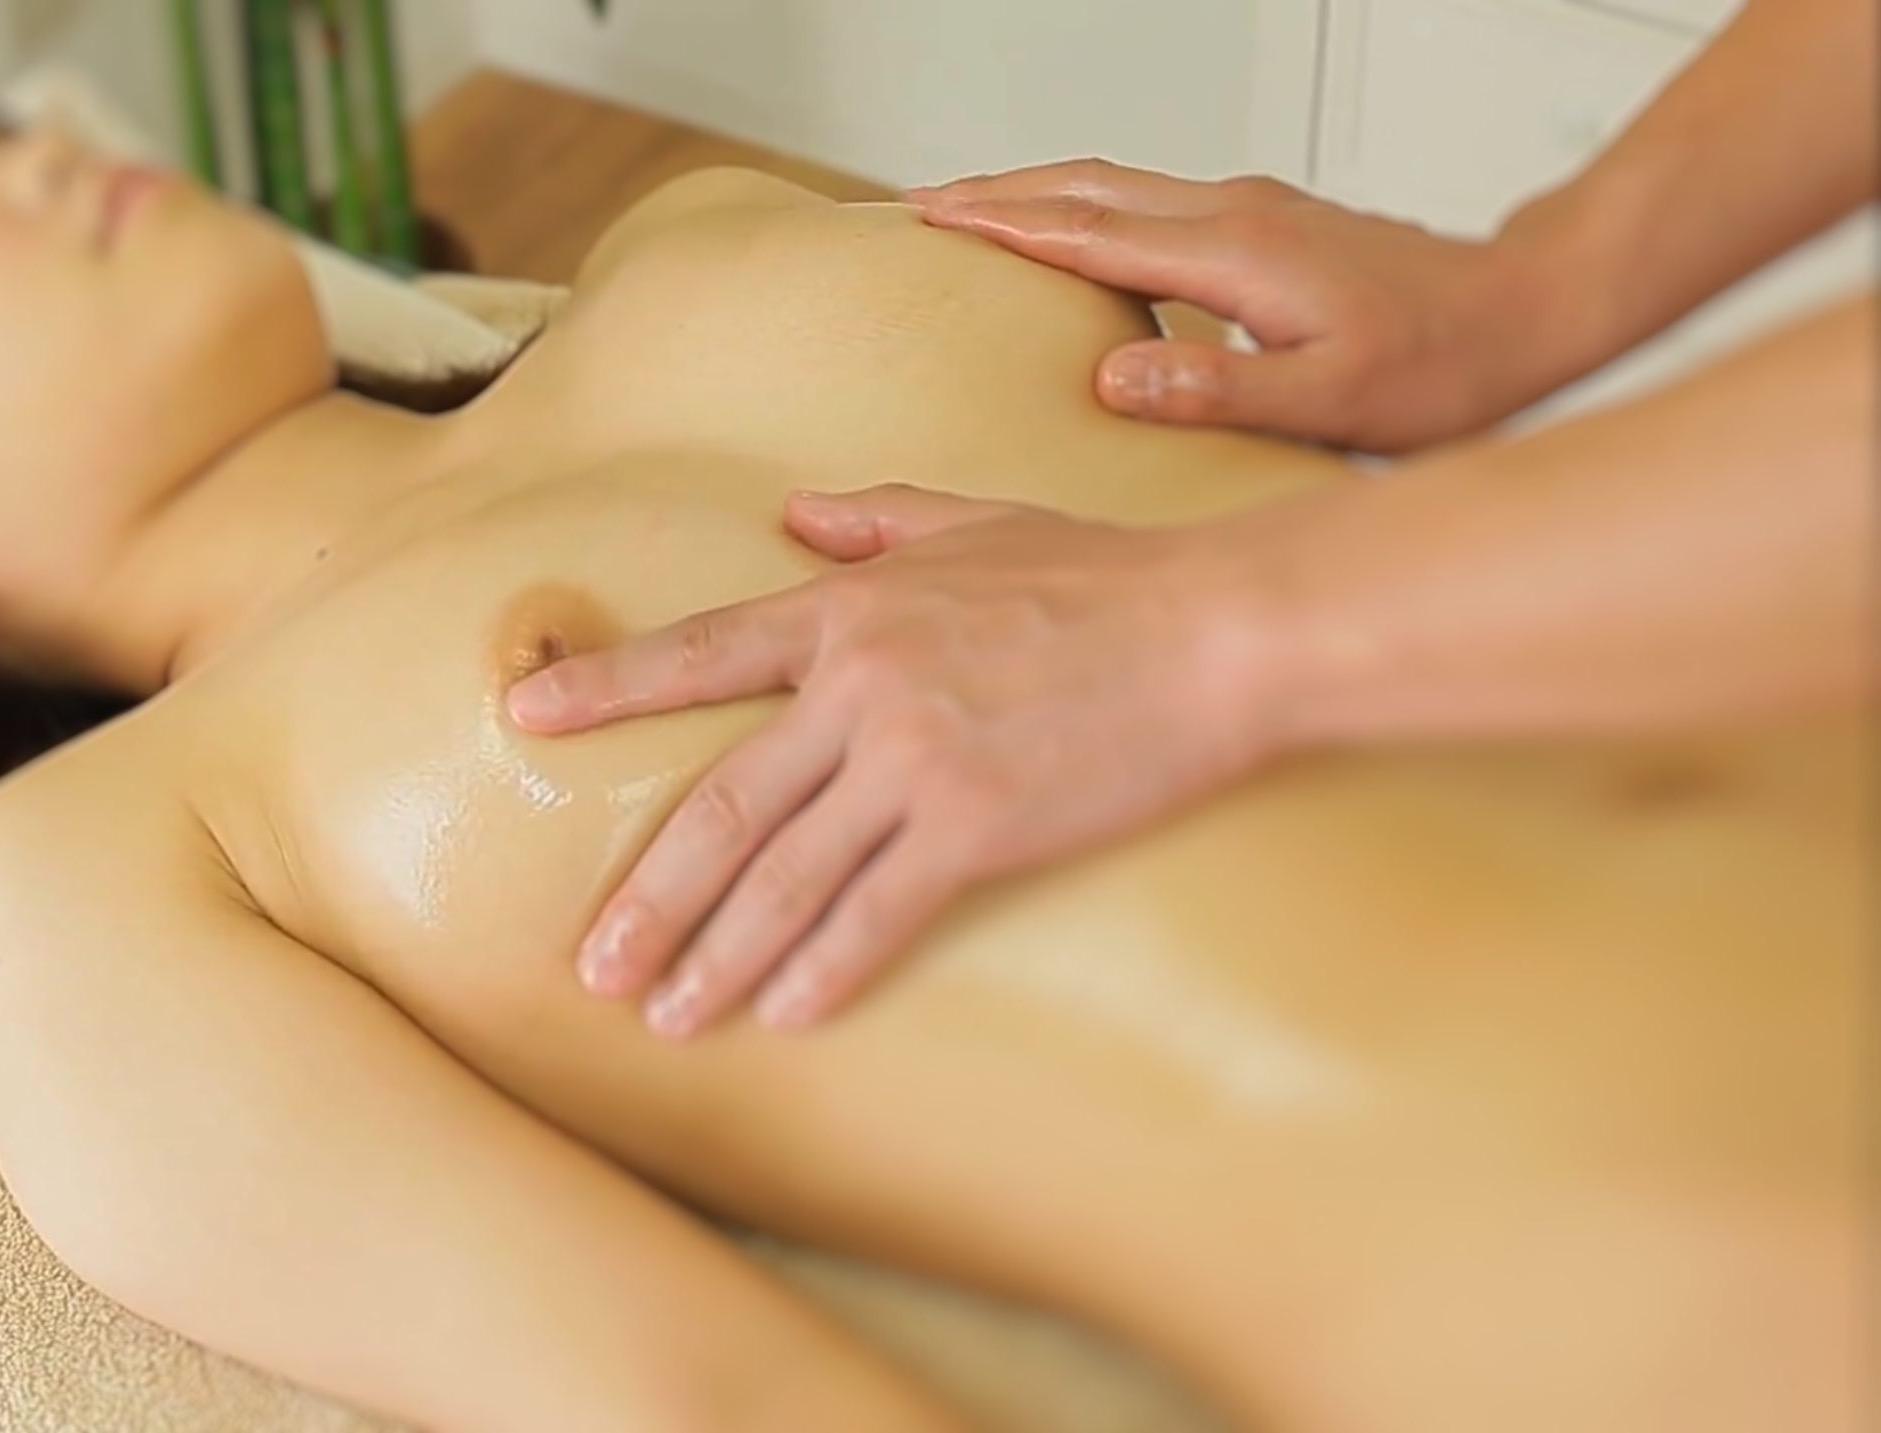 乳首が感じる女性へのオイルマッサージです。写真で解説です。